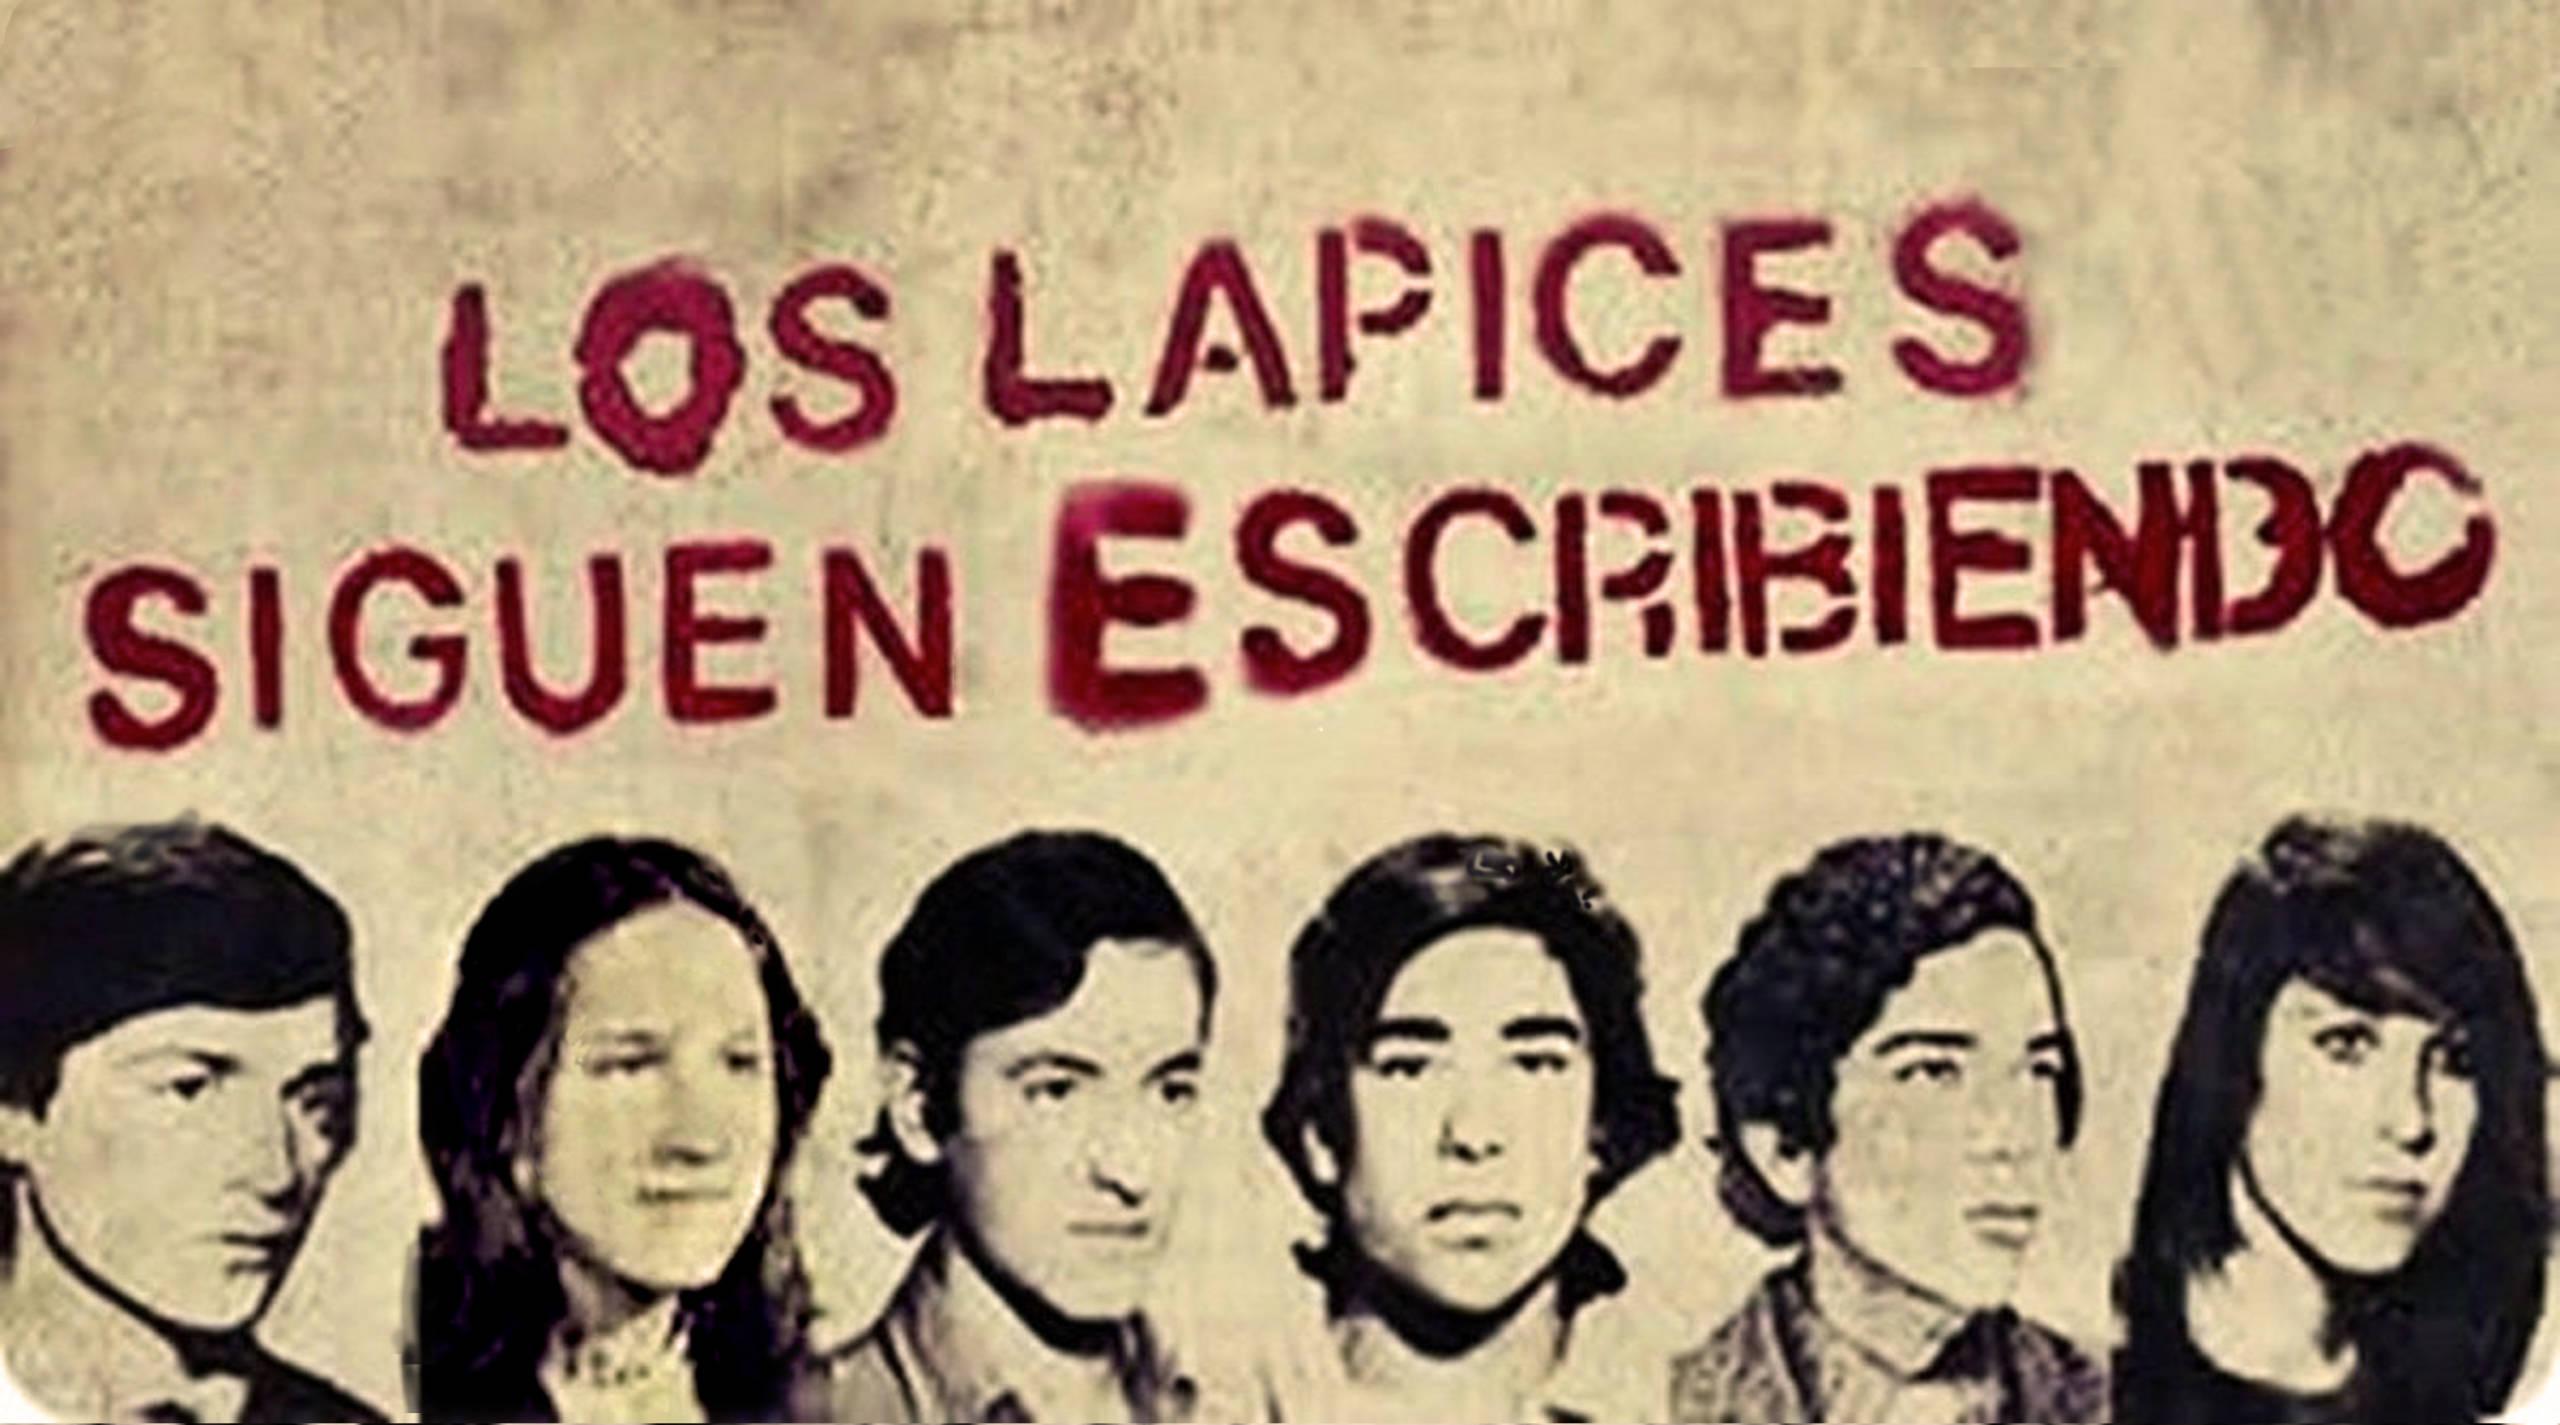 Los estudiantes desaparecidos en La noche de los lápices en Argentina.  Fuente: ElPeriodico  17.09.20